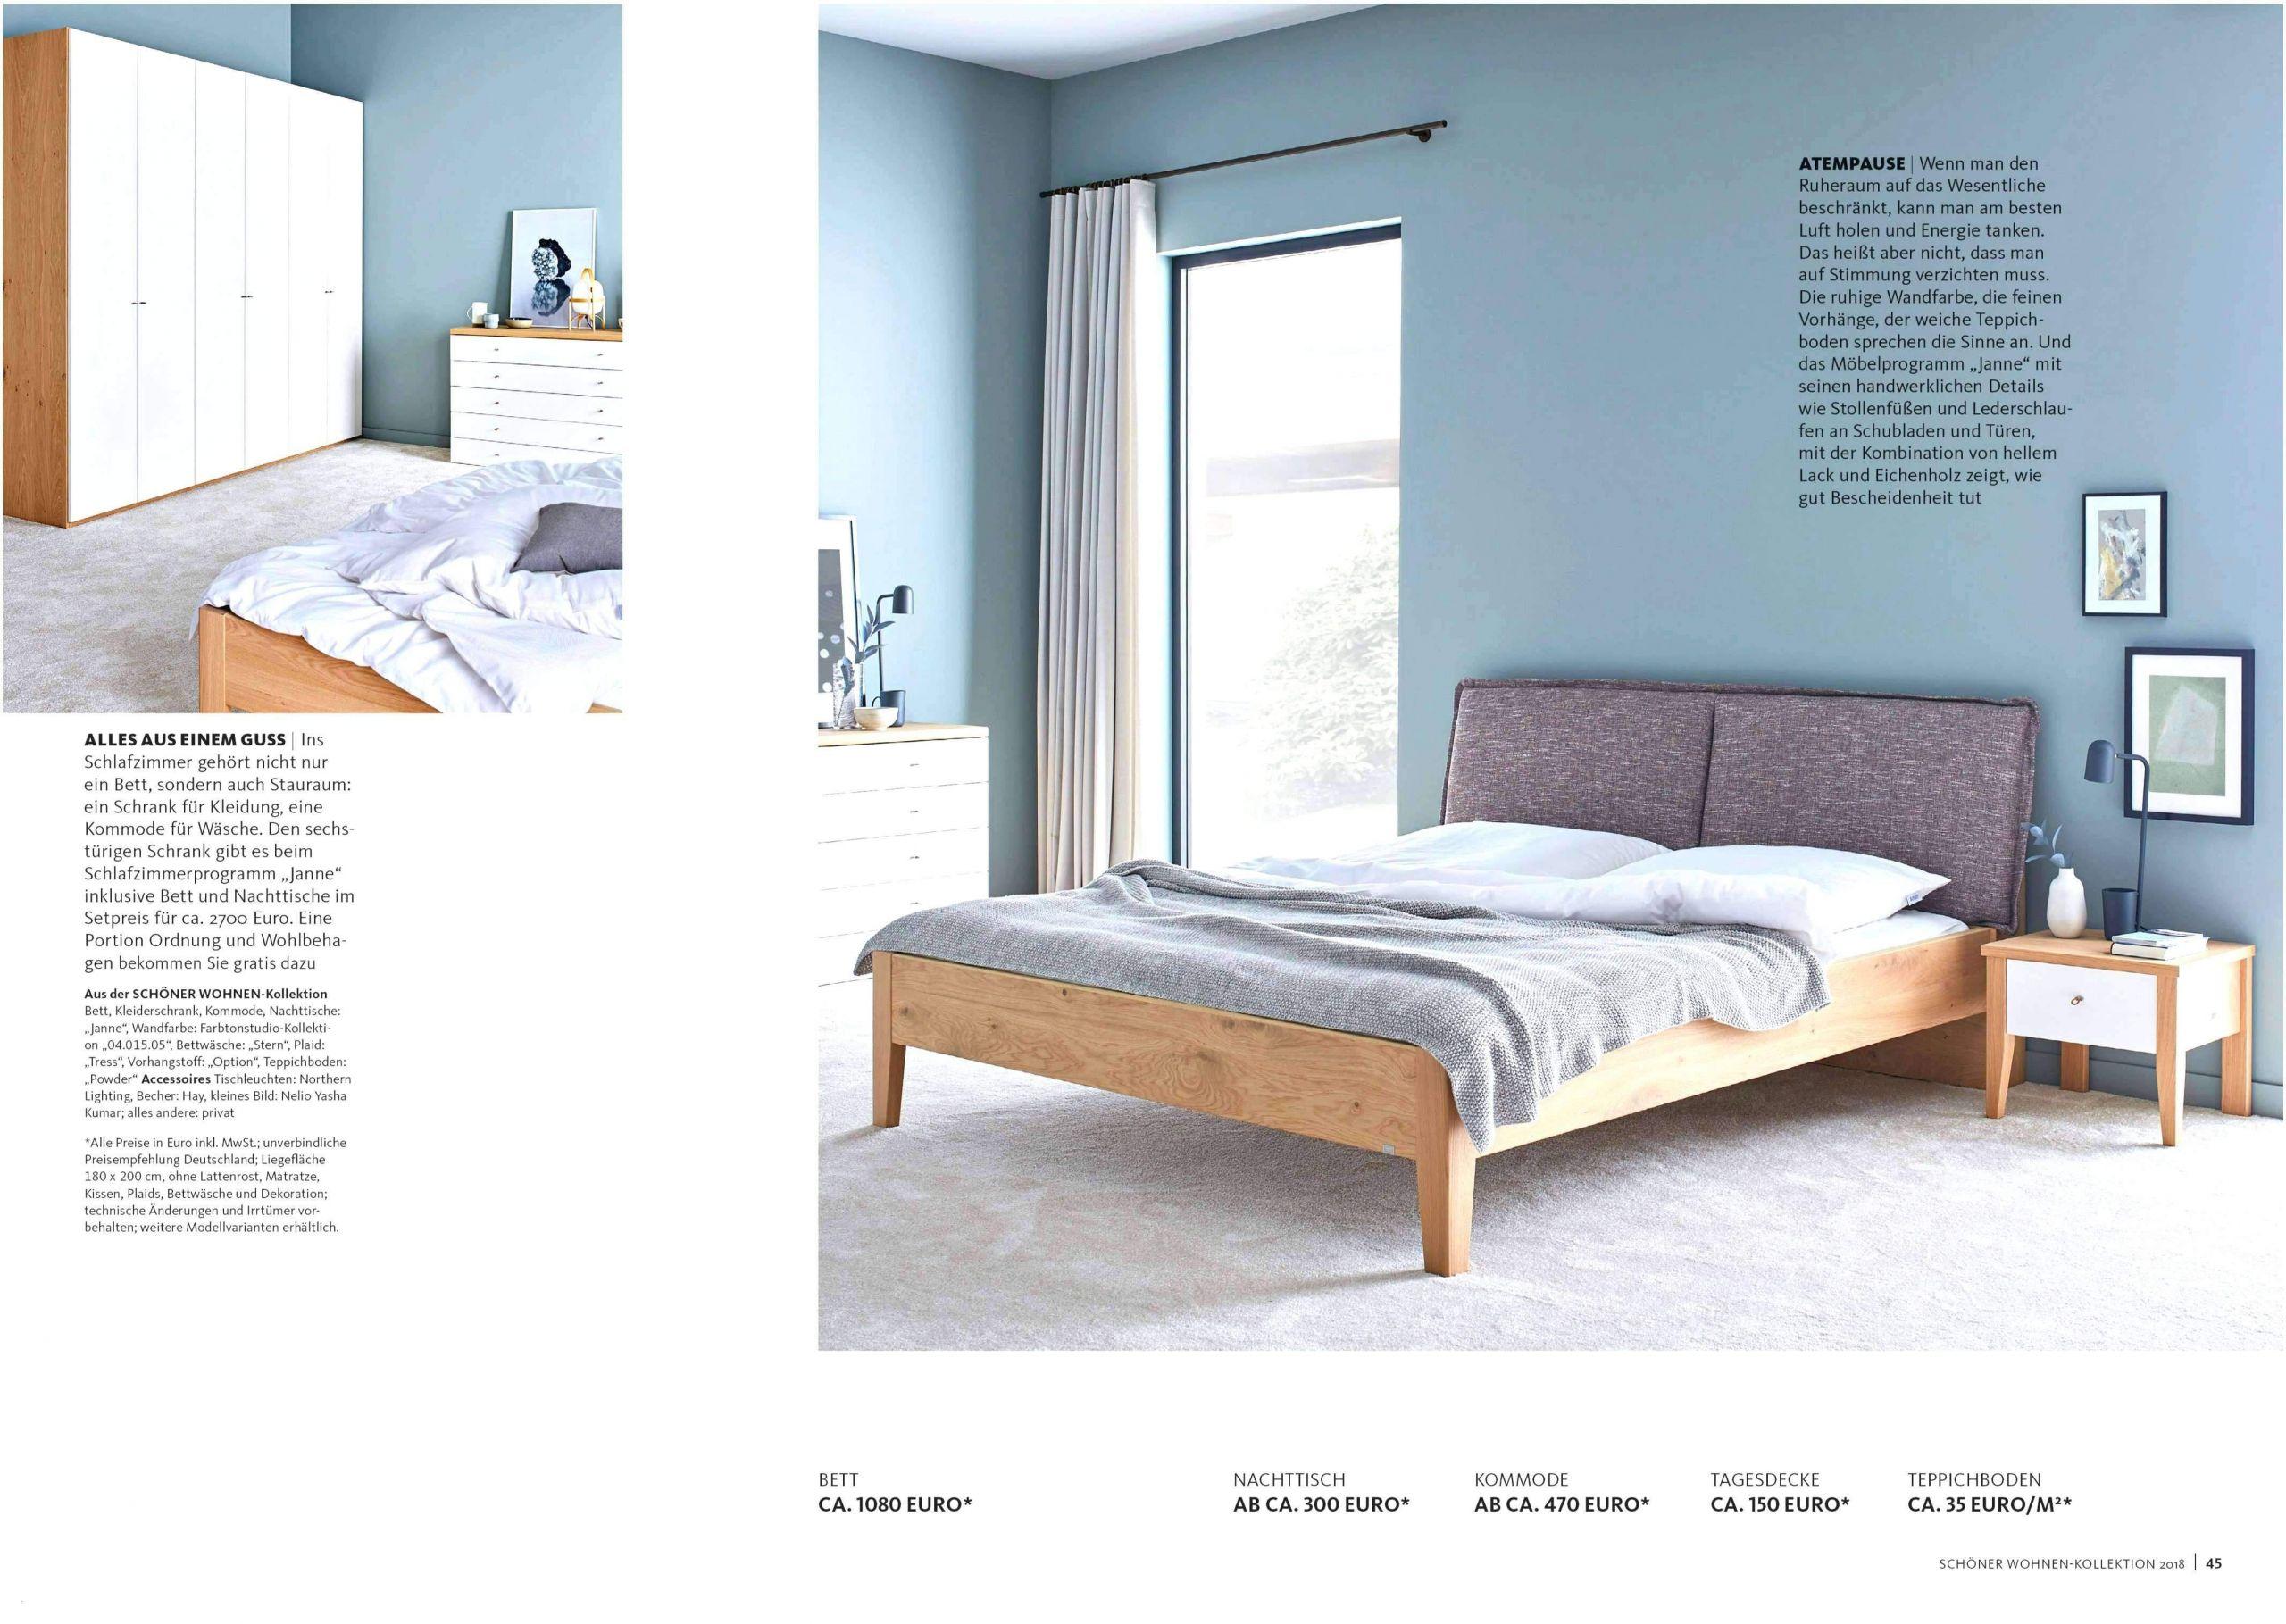 deko fur wohnzimmer neu neu hangeleuchte wohnzimmer modern ideen of deko fur wohnzimmer scaled